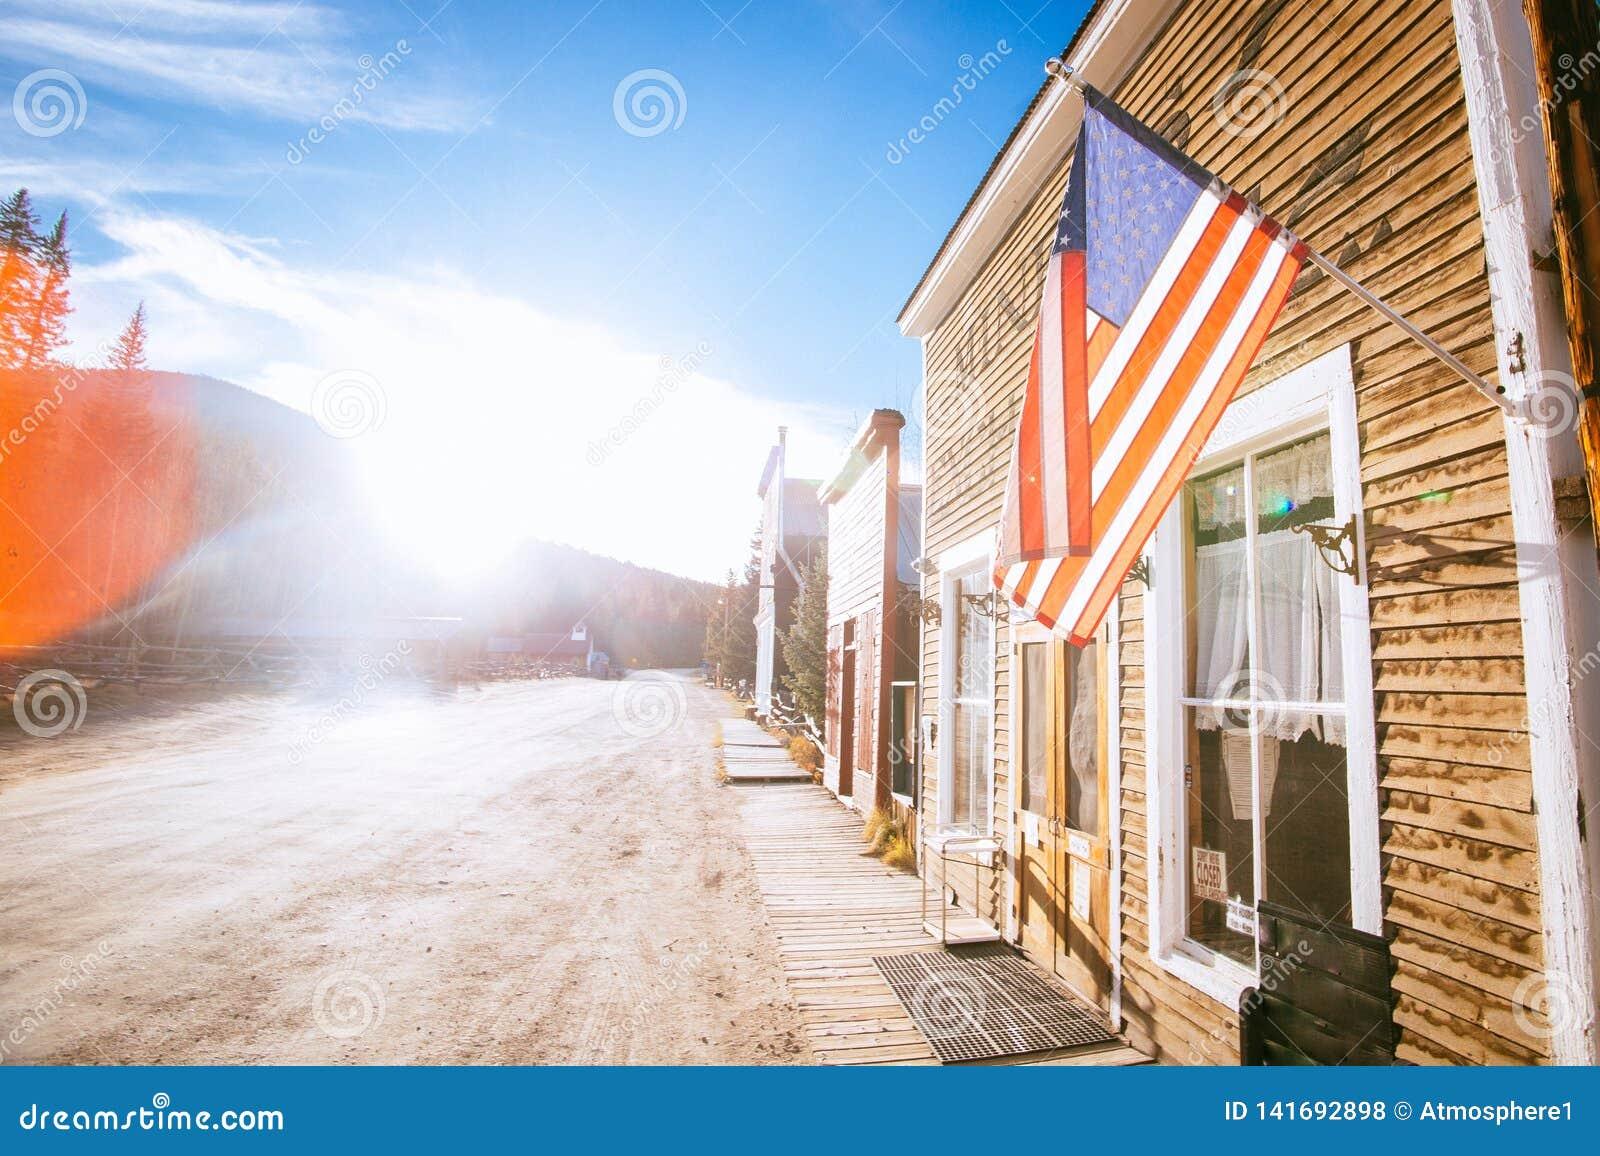 Edificios de madera occidentales viejos con la bandera de los Estados Unidos, en St Elmo Gold Mine Ghost Town en Colorado, los E.